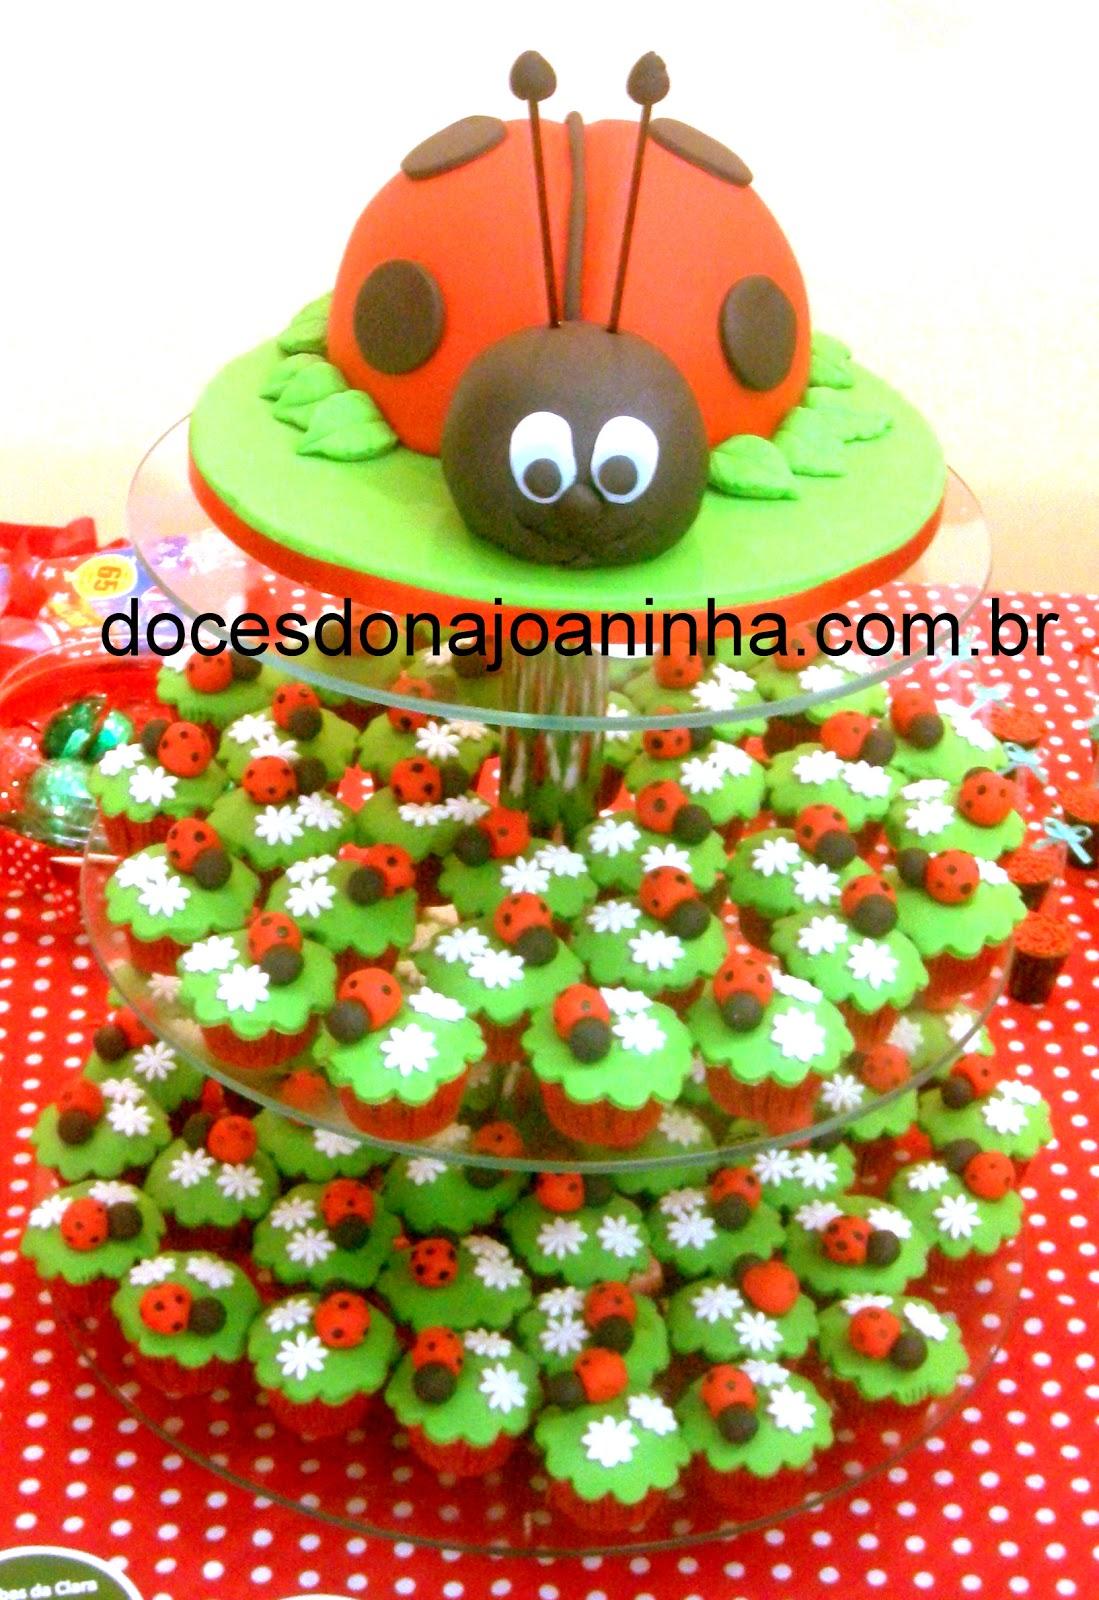 festa infantil jardim joaninhaBolo de brigadeiro decorado com